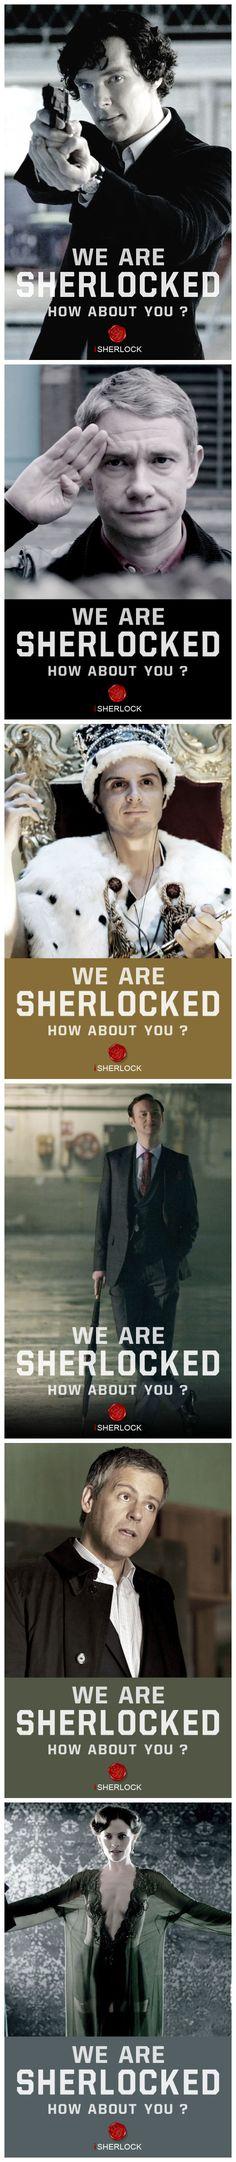 Sherlocked!!  via http://weibo.com/wearesherlocked